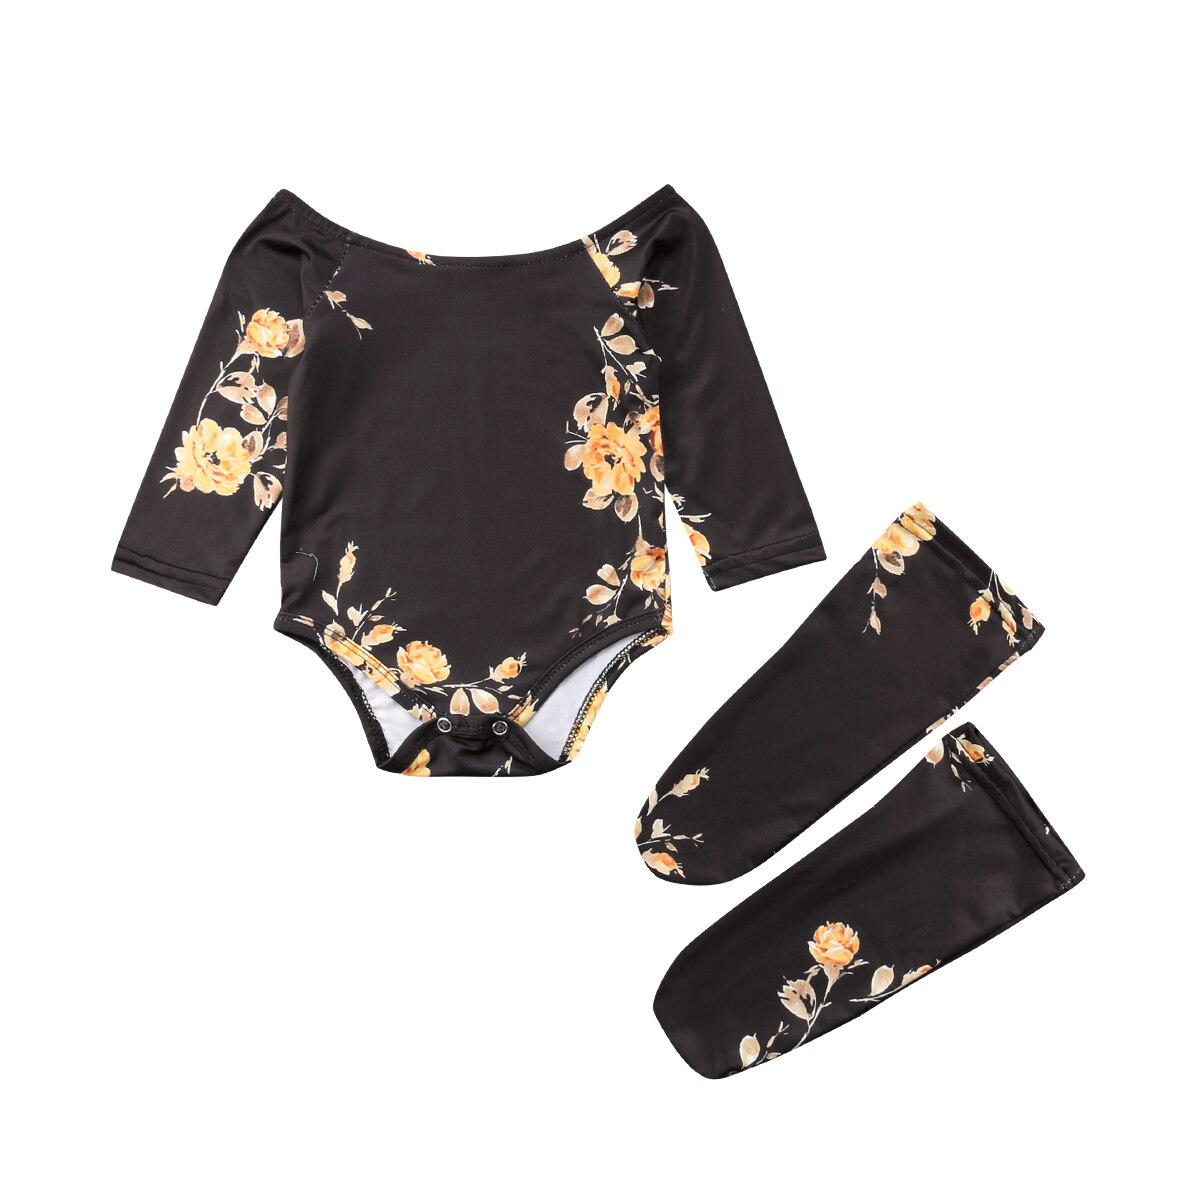 Eerlijkheid 2018 Baby Meisje Zuigeling Off Shoulder Bloem Goud Zwarte Bloem Bodysuit Jumpsuit + Beenwarmers Outfits Herfst Kleding Crazy Prijs